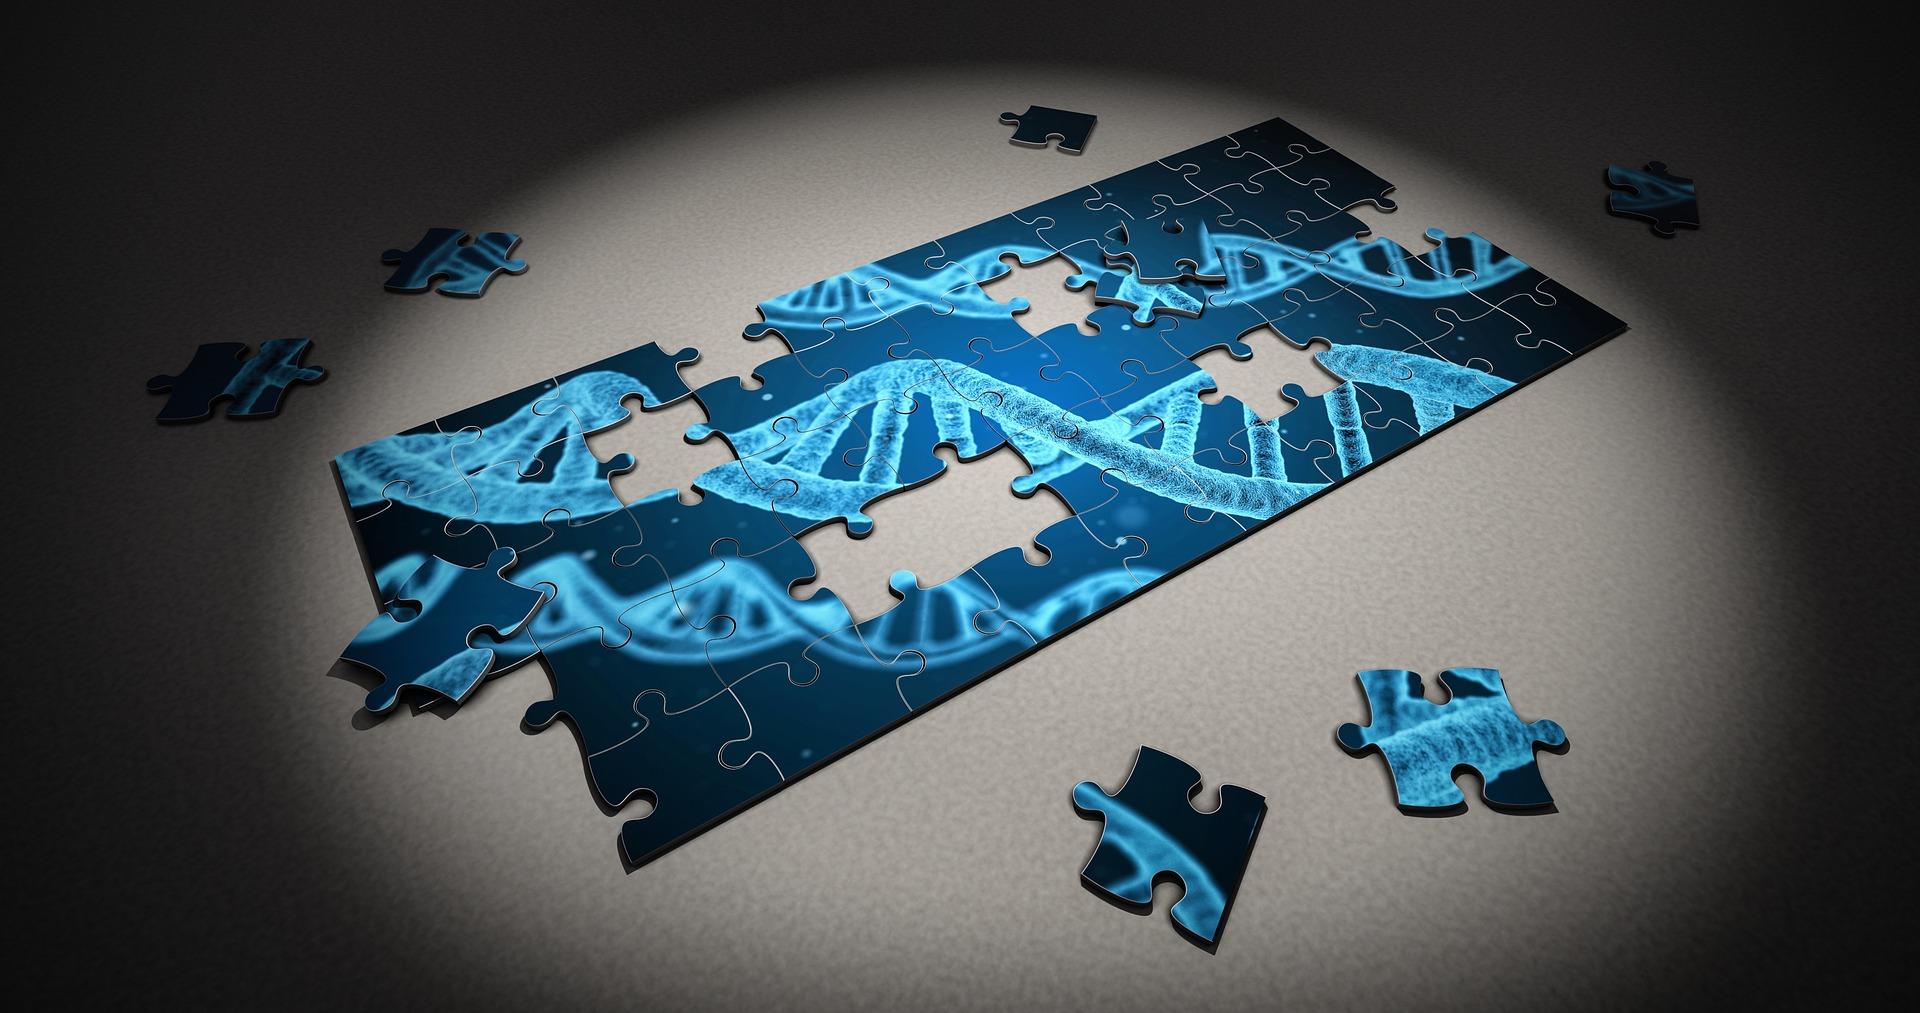 Estrogeni e analisi del DNA